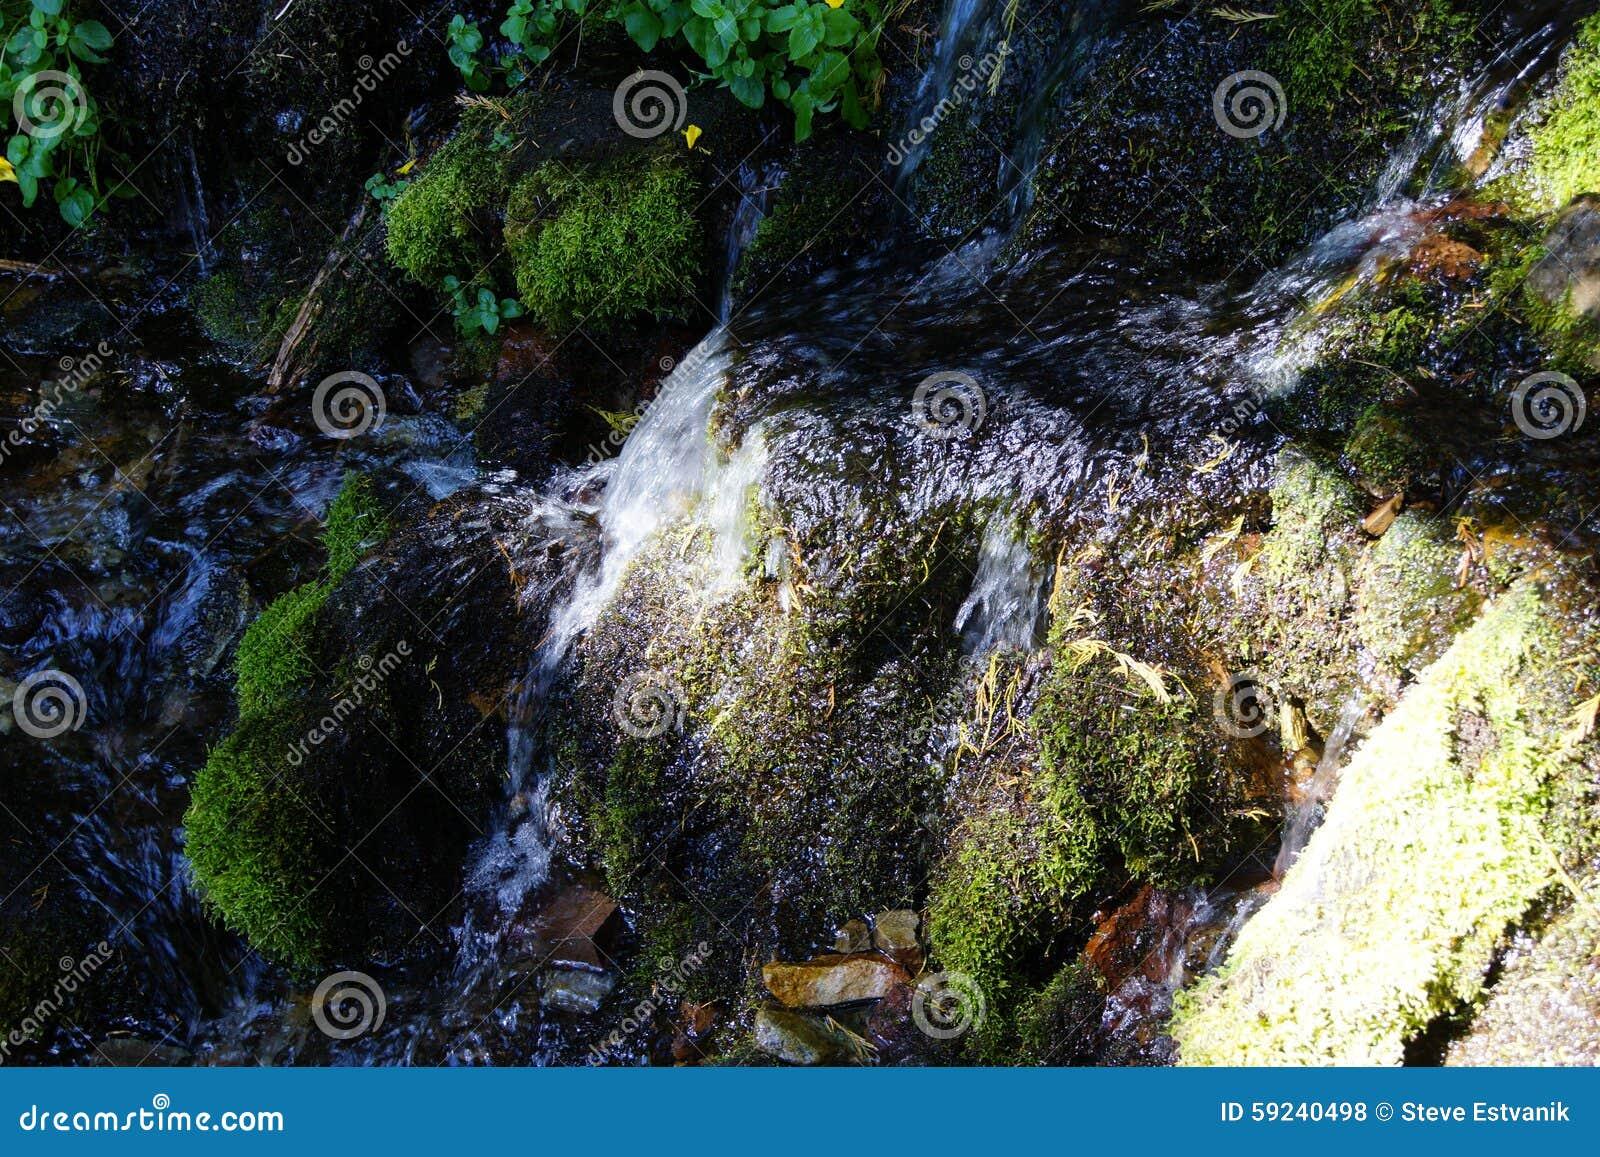 Musgo verde en roca en corriente alpina